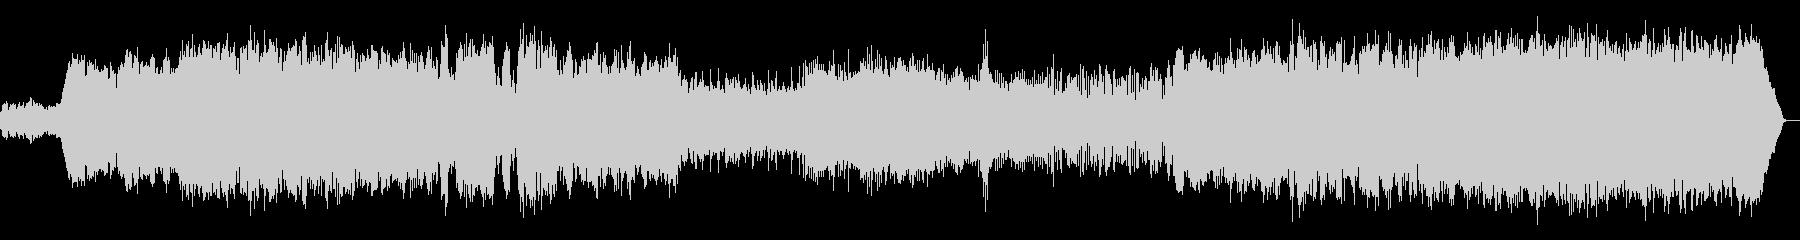 カノン五重奏・ストリングスアレンジの未再生の波形